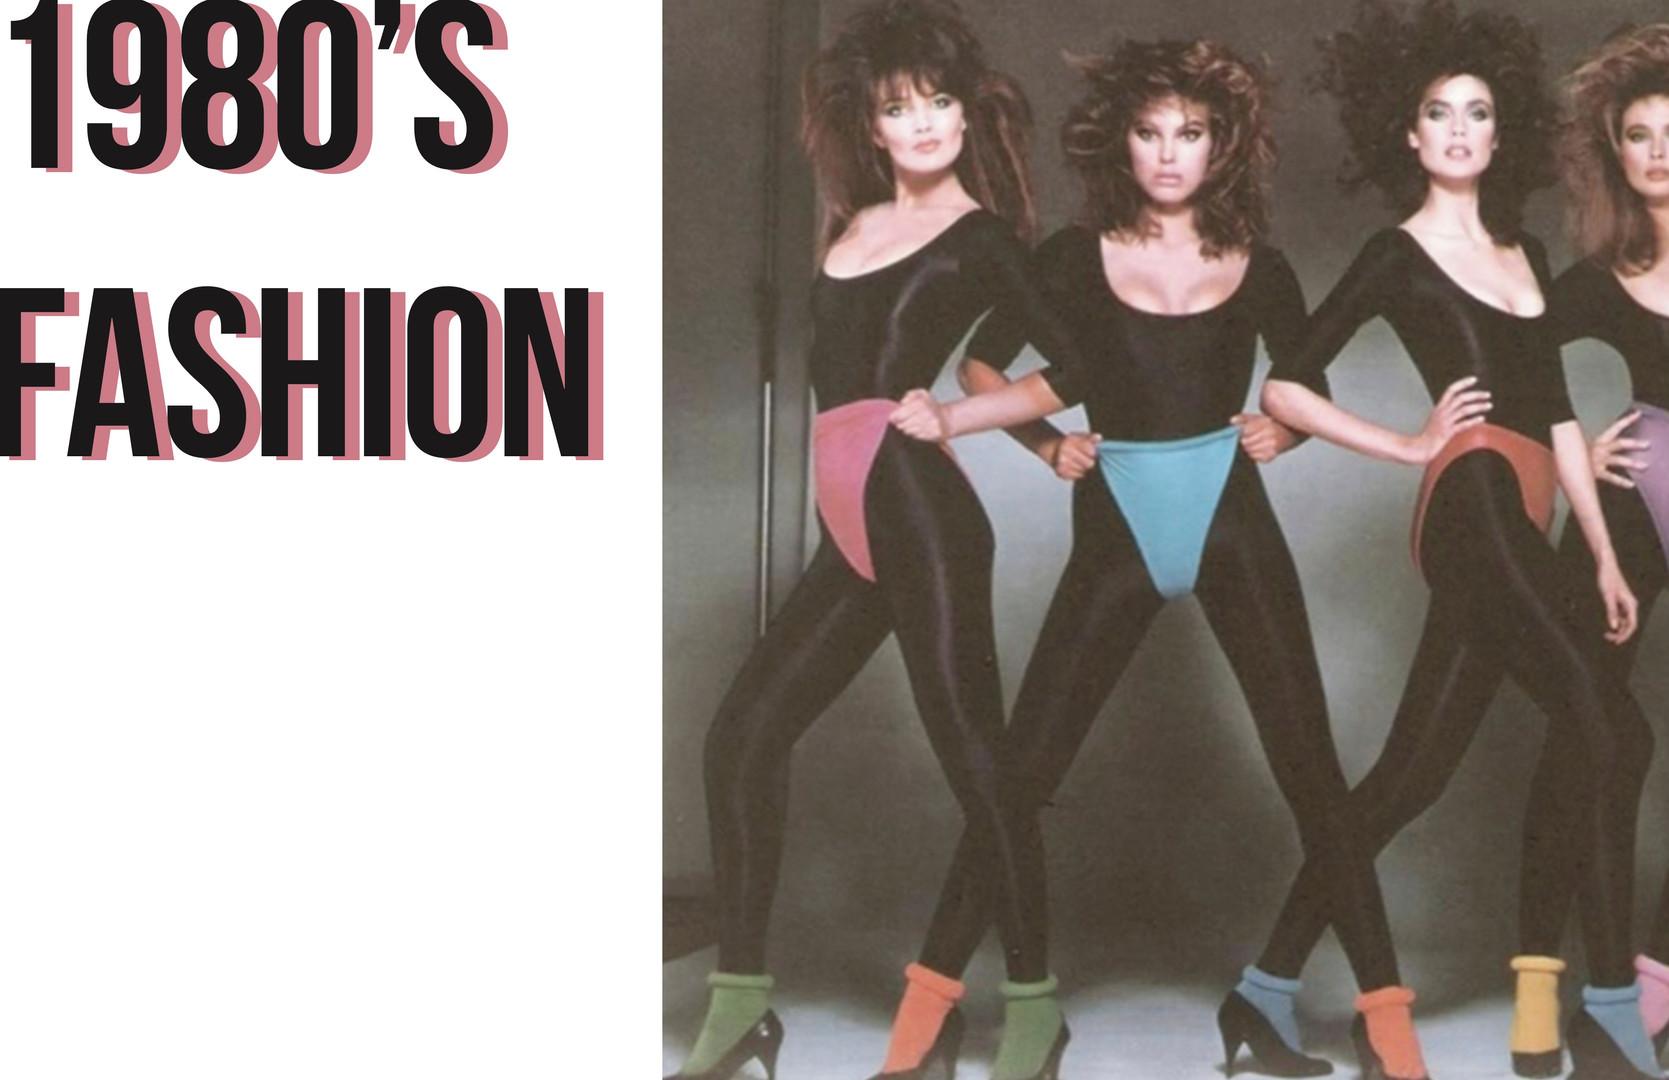 fashion decades 24.jpg